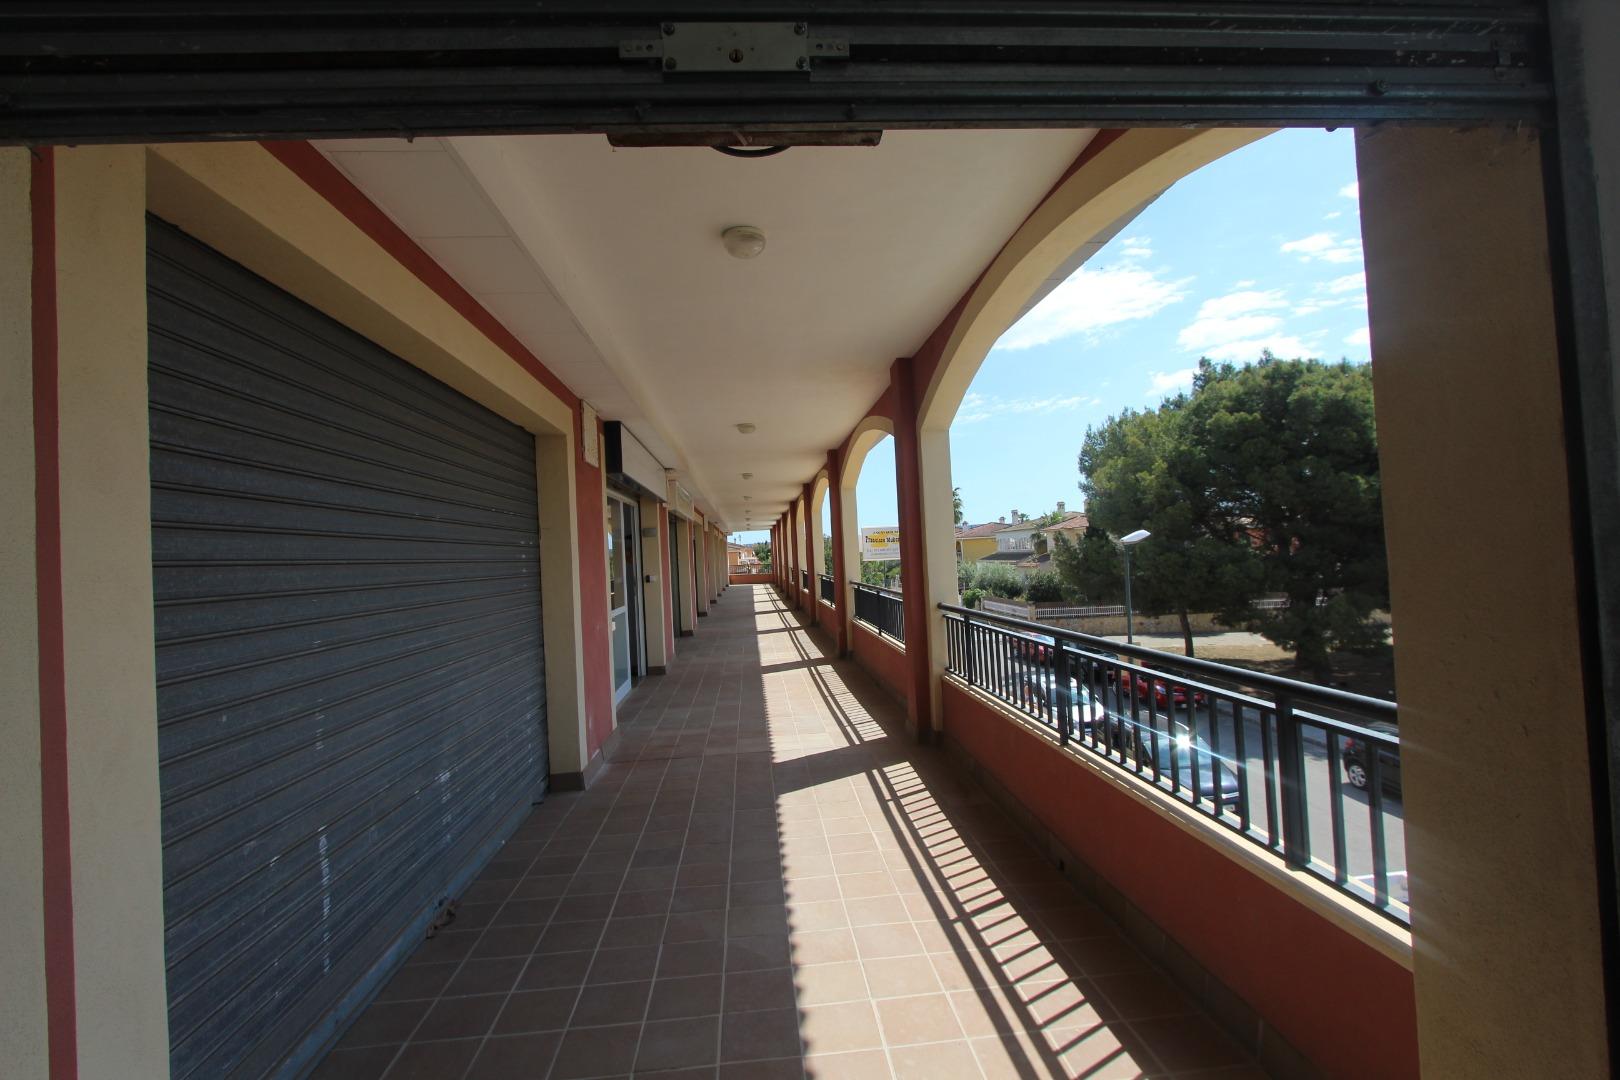 Locale commerciale  Marratxí- es pont d'inca